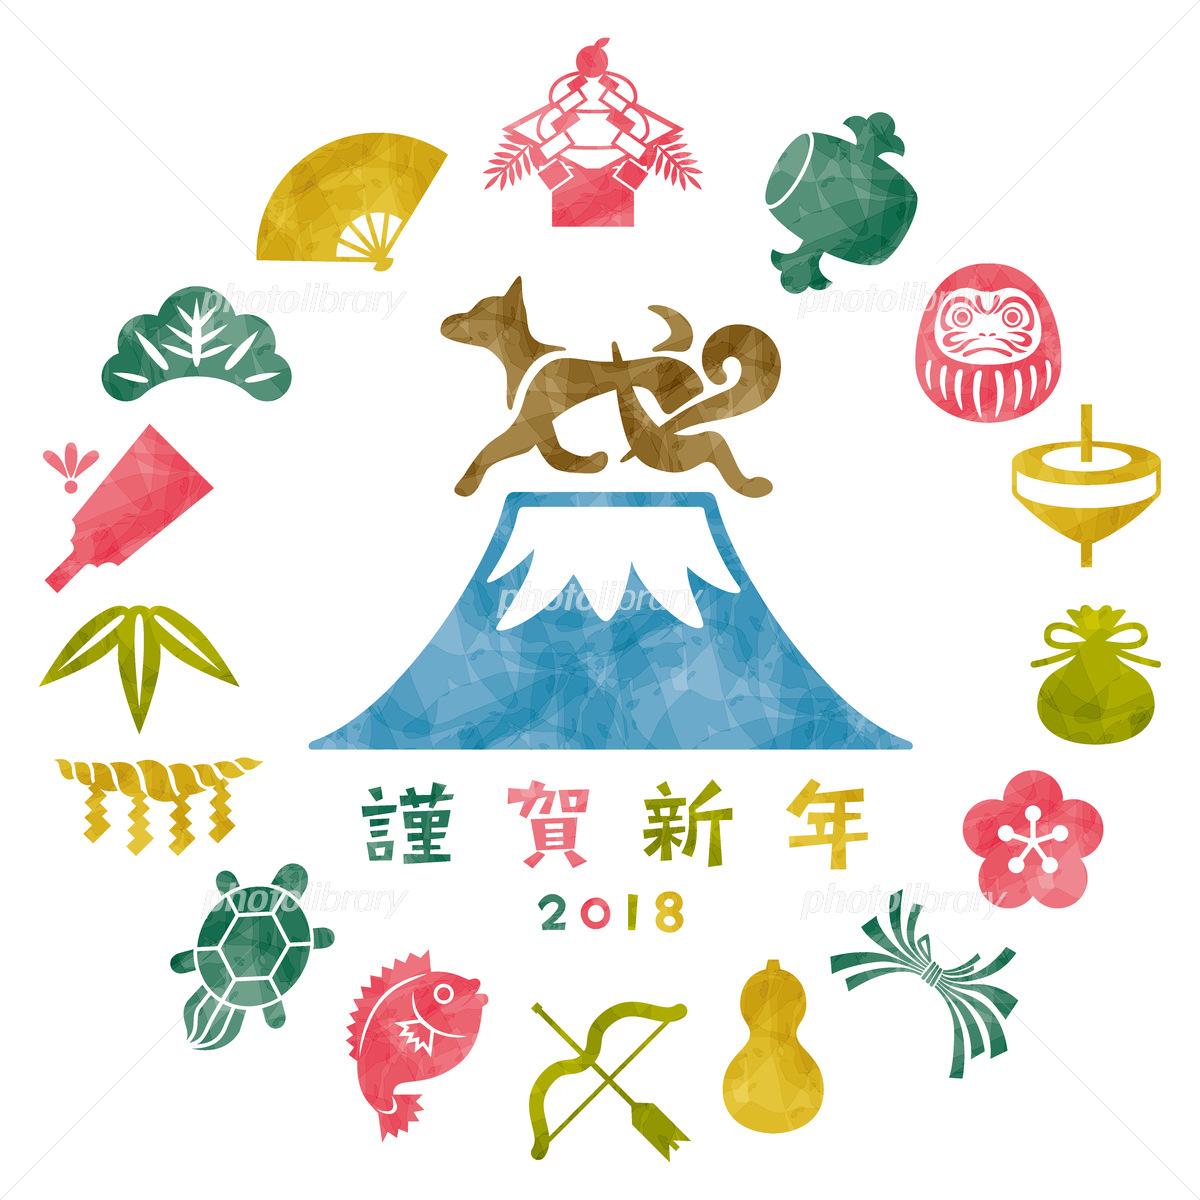 年賀状/戌年/絵文字と富士山 イラスト素材 [ 5382949 ] 無料素材